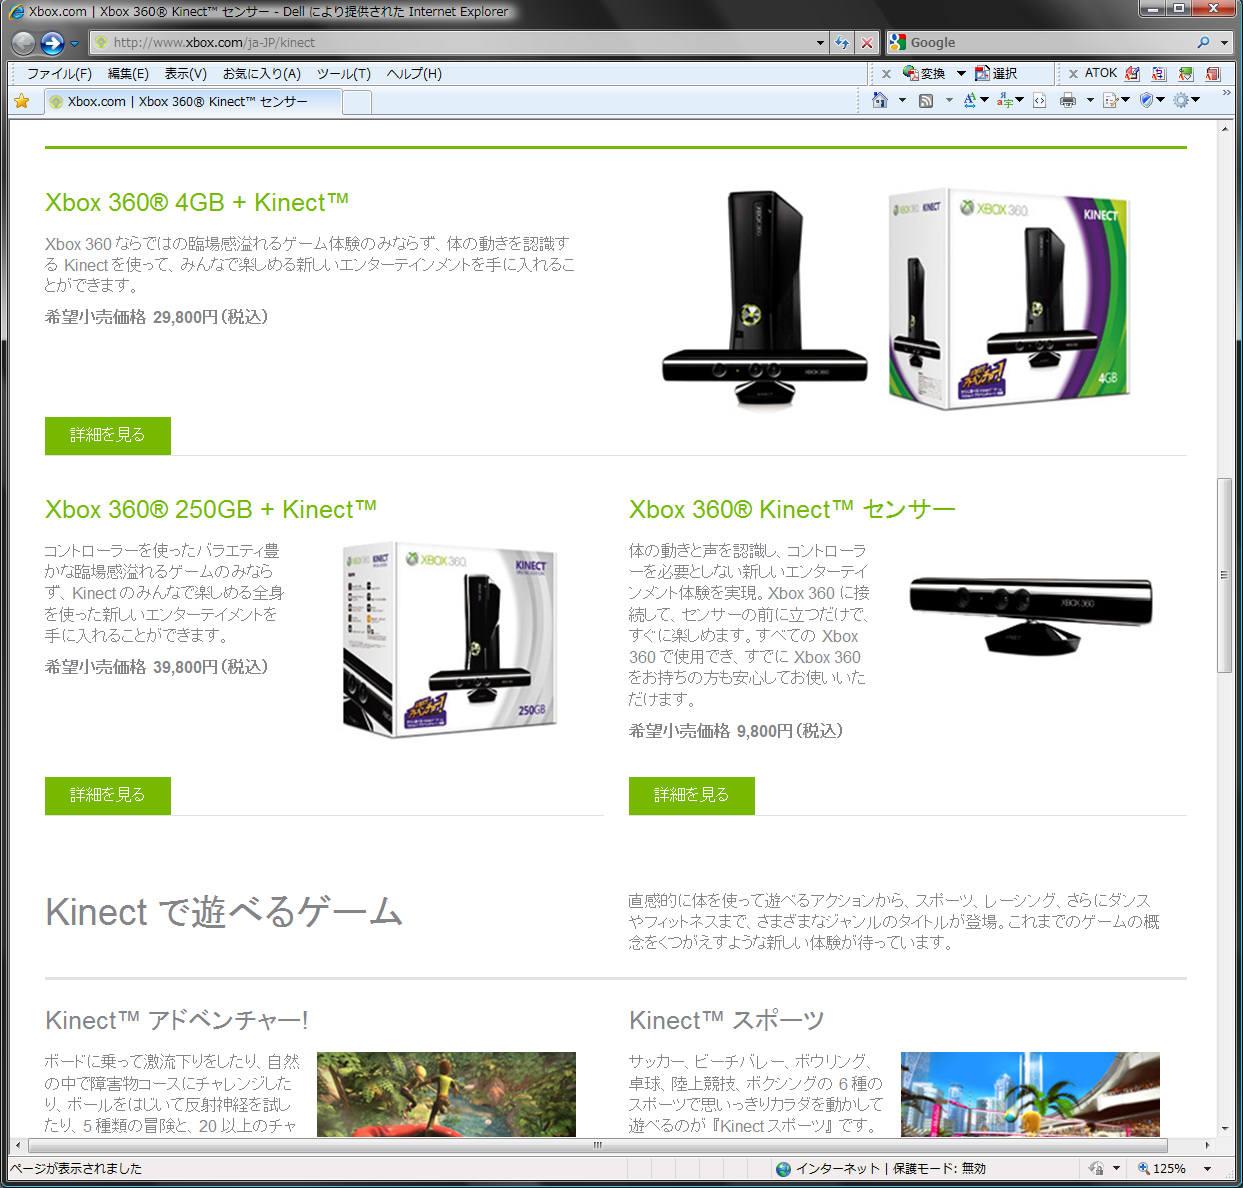 更新直後のマイクロソフト日本法人のKinectサイト。Kinectセンサーの価格が9、800円となっている